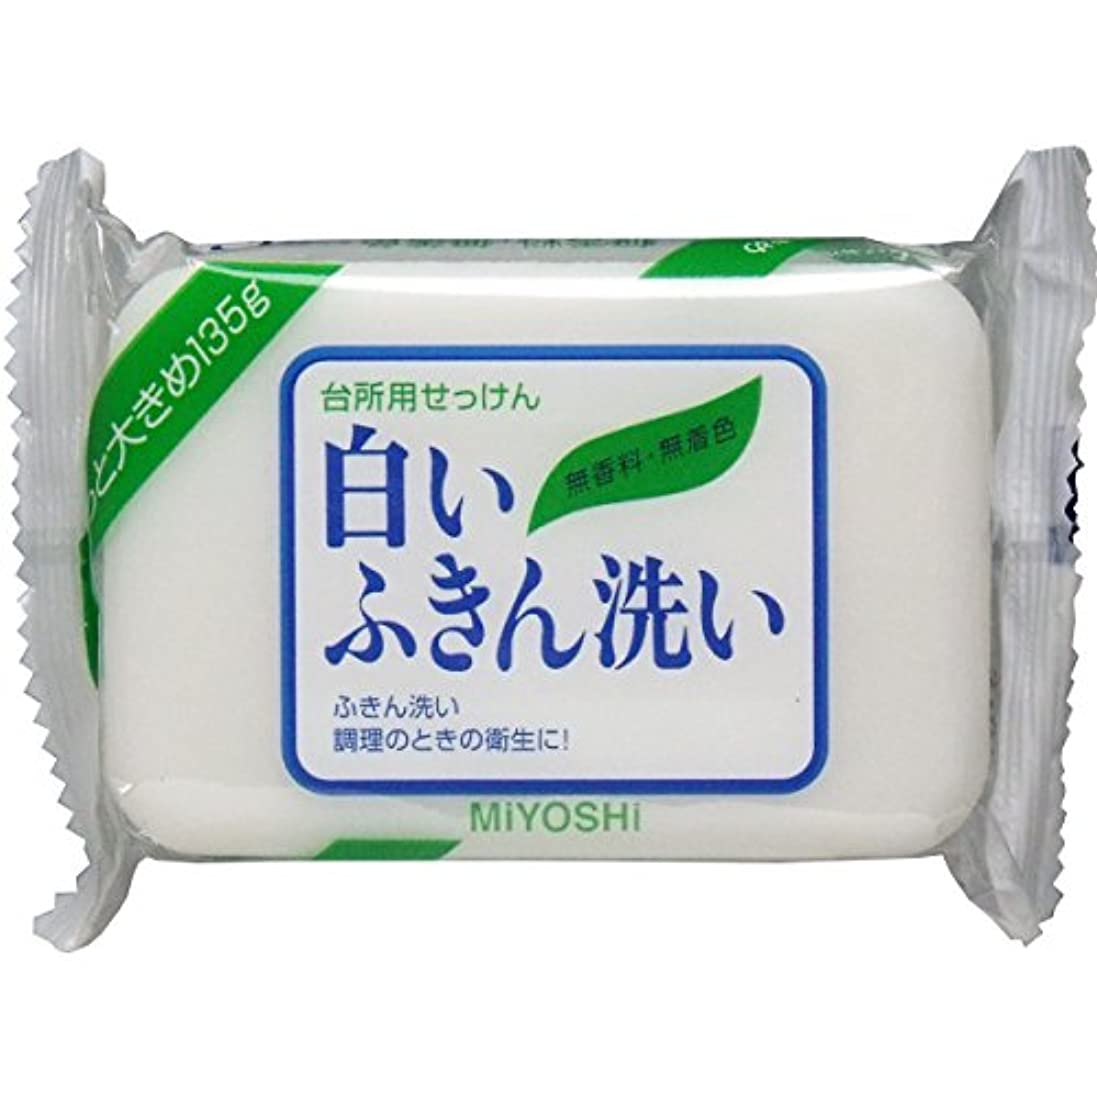 乱用利益迷惑ミヨシ石鹸 白いふきん洗い